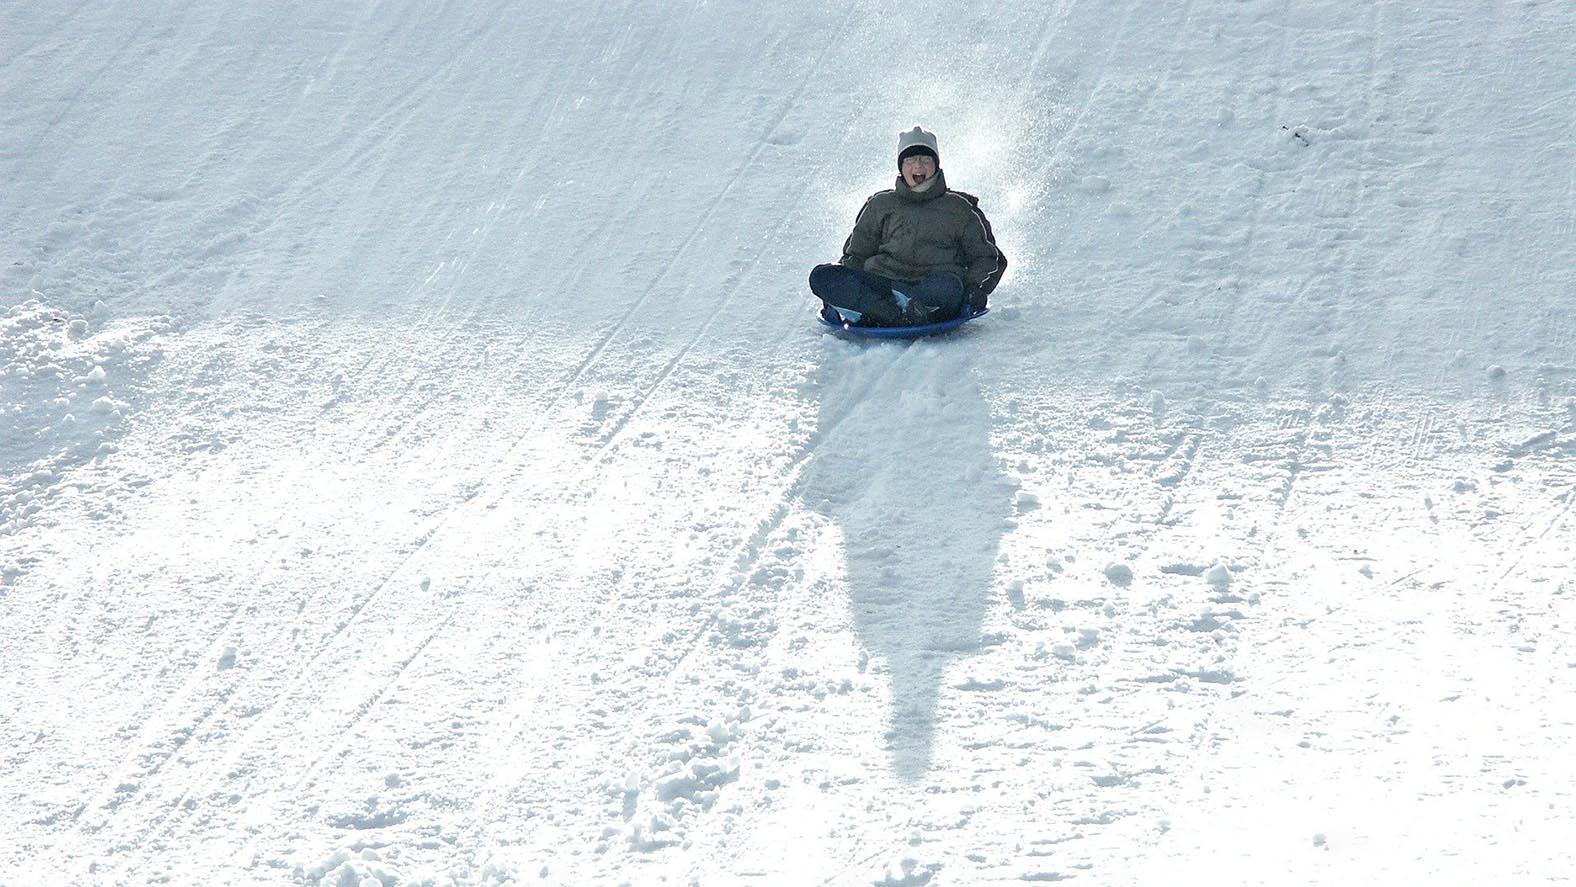 Rodeln im Harz: Da werden auch erwachsene Wintersportler wirder zu begeisterten Schlittenfahrern